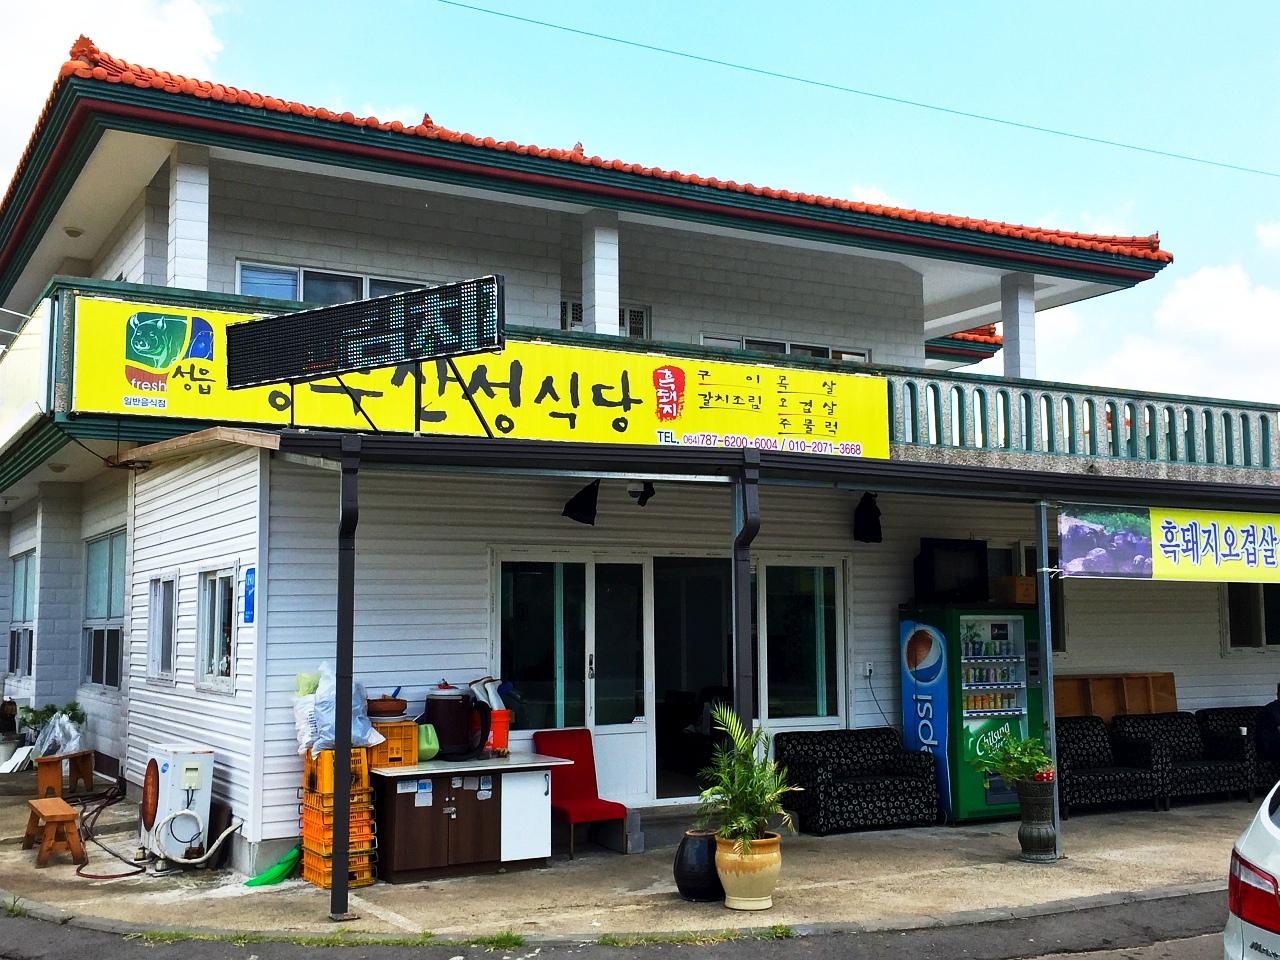 첫 제주도 여행기 (19) - '영주산성' 식당에서 흑돼..